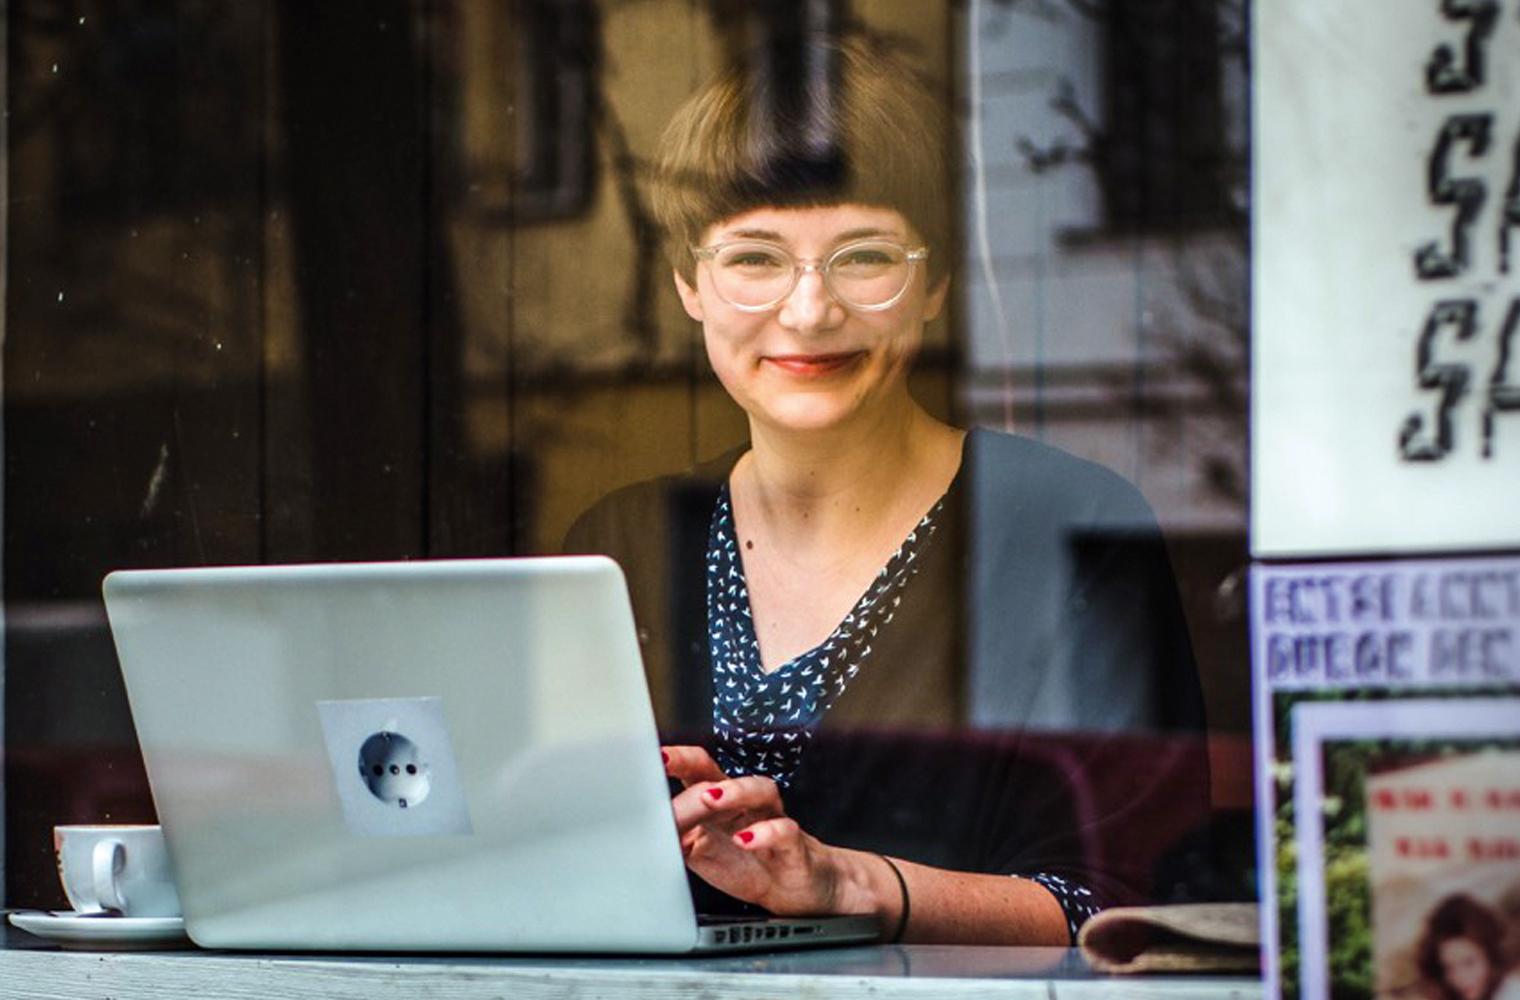 Mareice Kaiser sitzt hinter der Glasscheibe eines Cafés mit aufgeklapptem Laptop und einer Kaffeetasse daneben an einem Tisch, tippt und schaut gle...